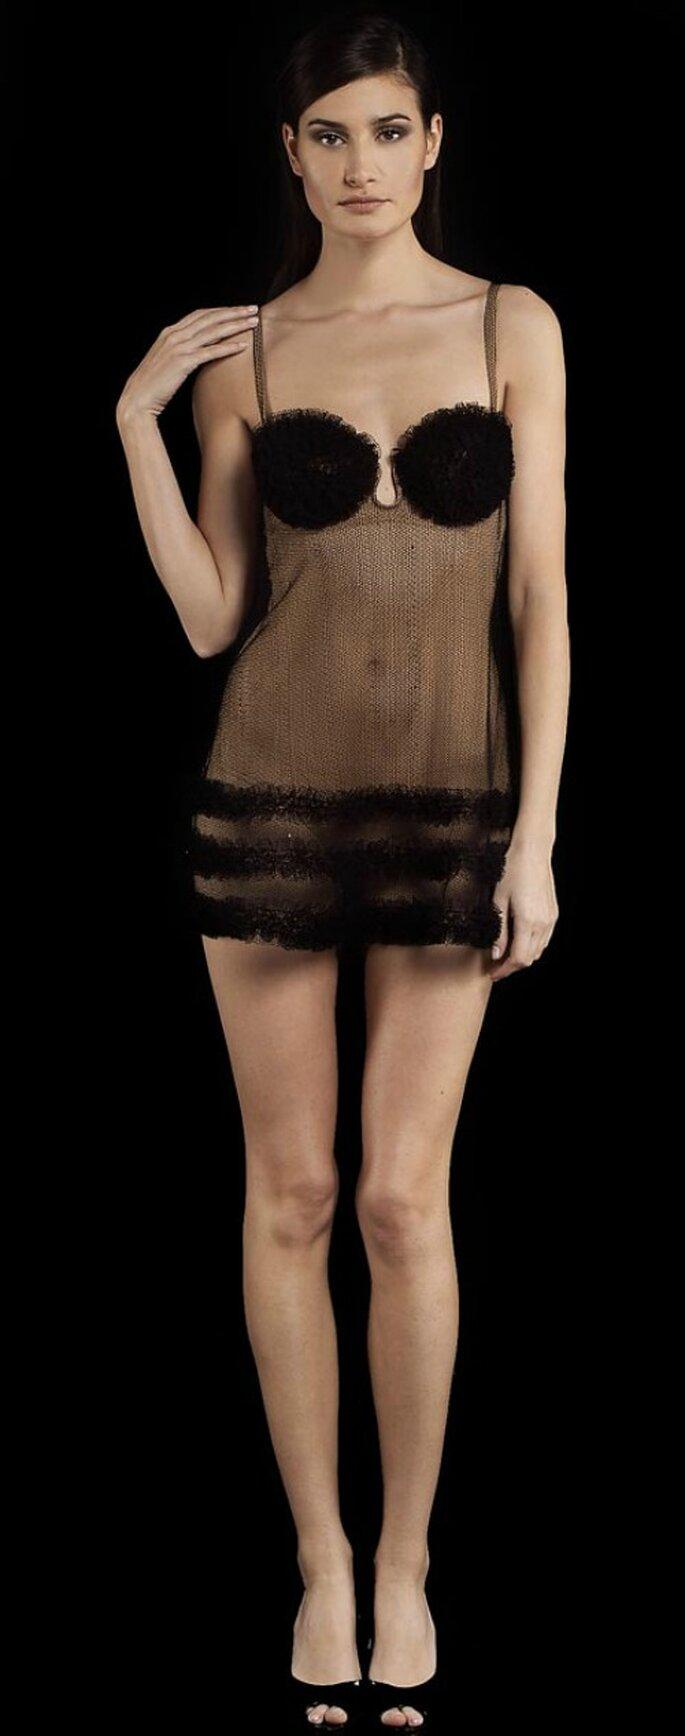 Lingerie noire et transparente : chic et sexy - Photo : www.laperla.com